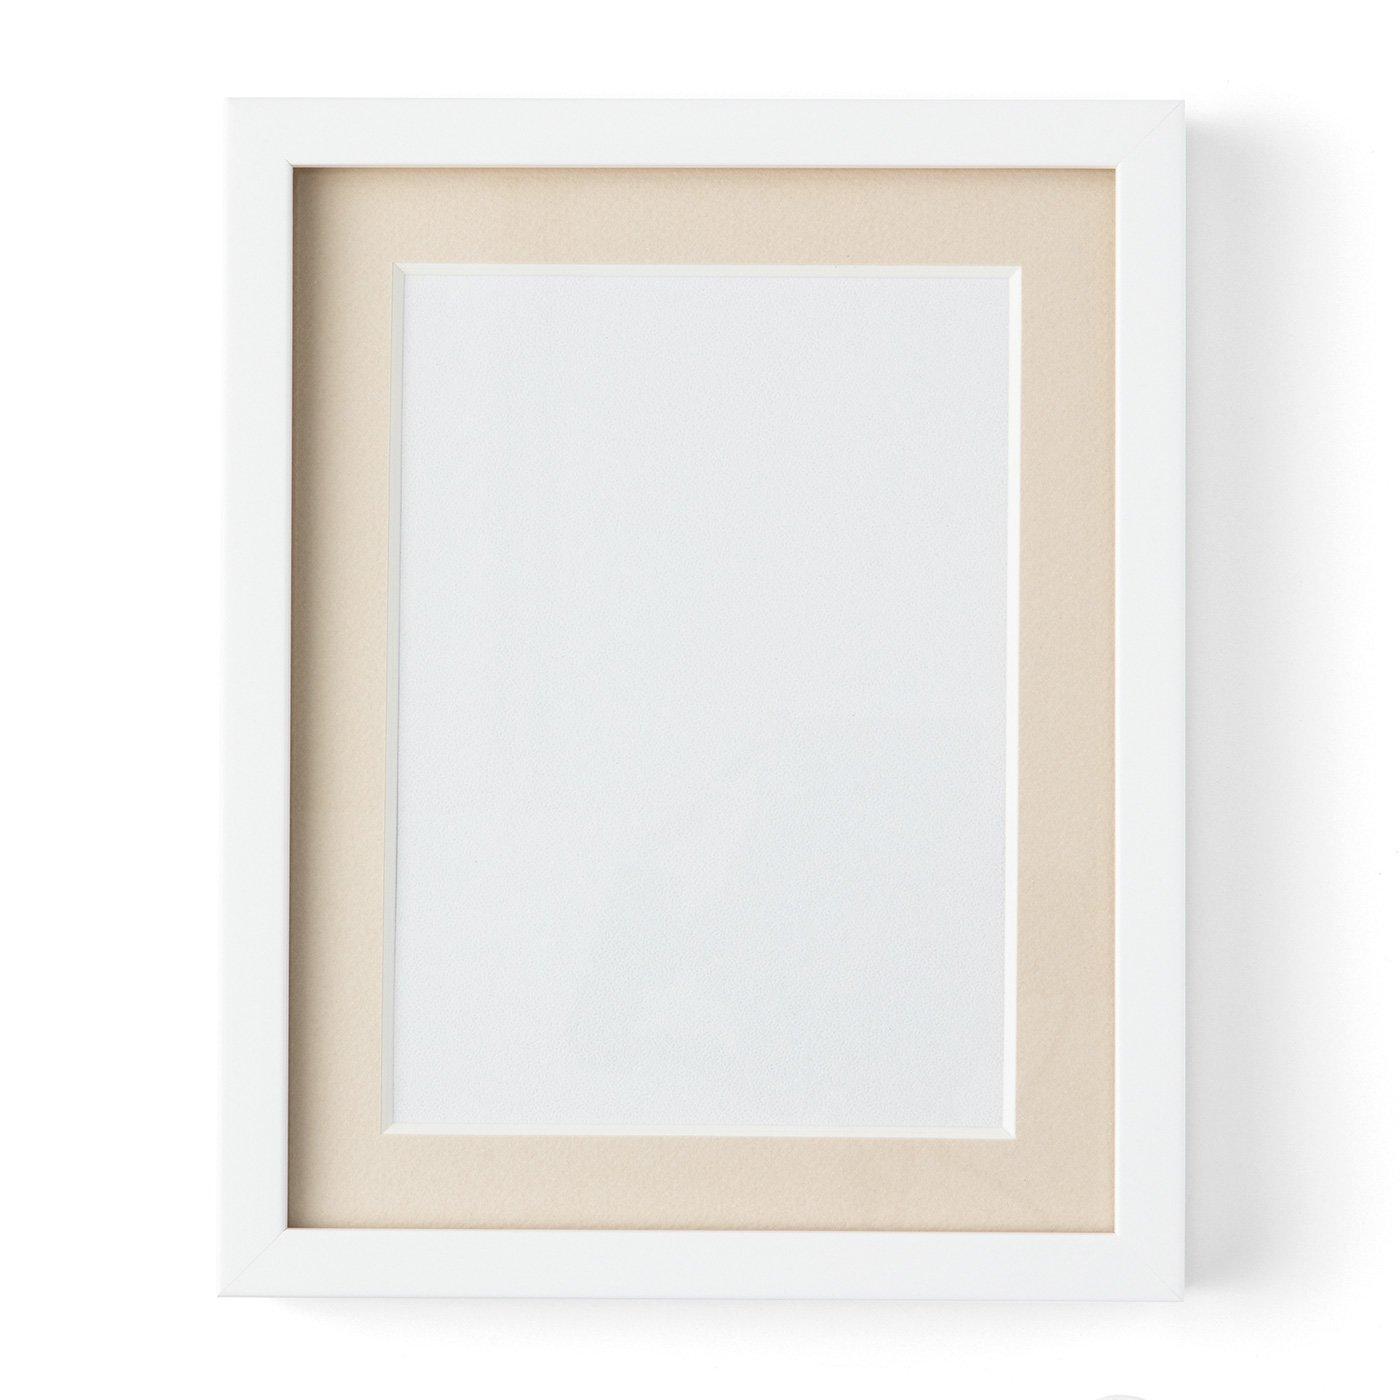 シンプルな白枠が作品を引き立てる ビーズデコール(R)専用フレーム